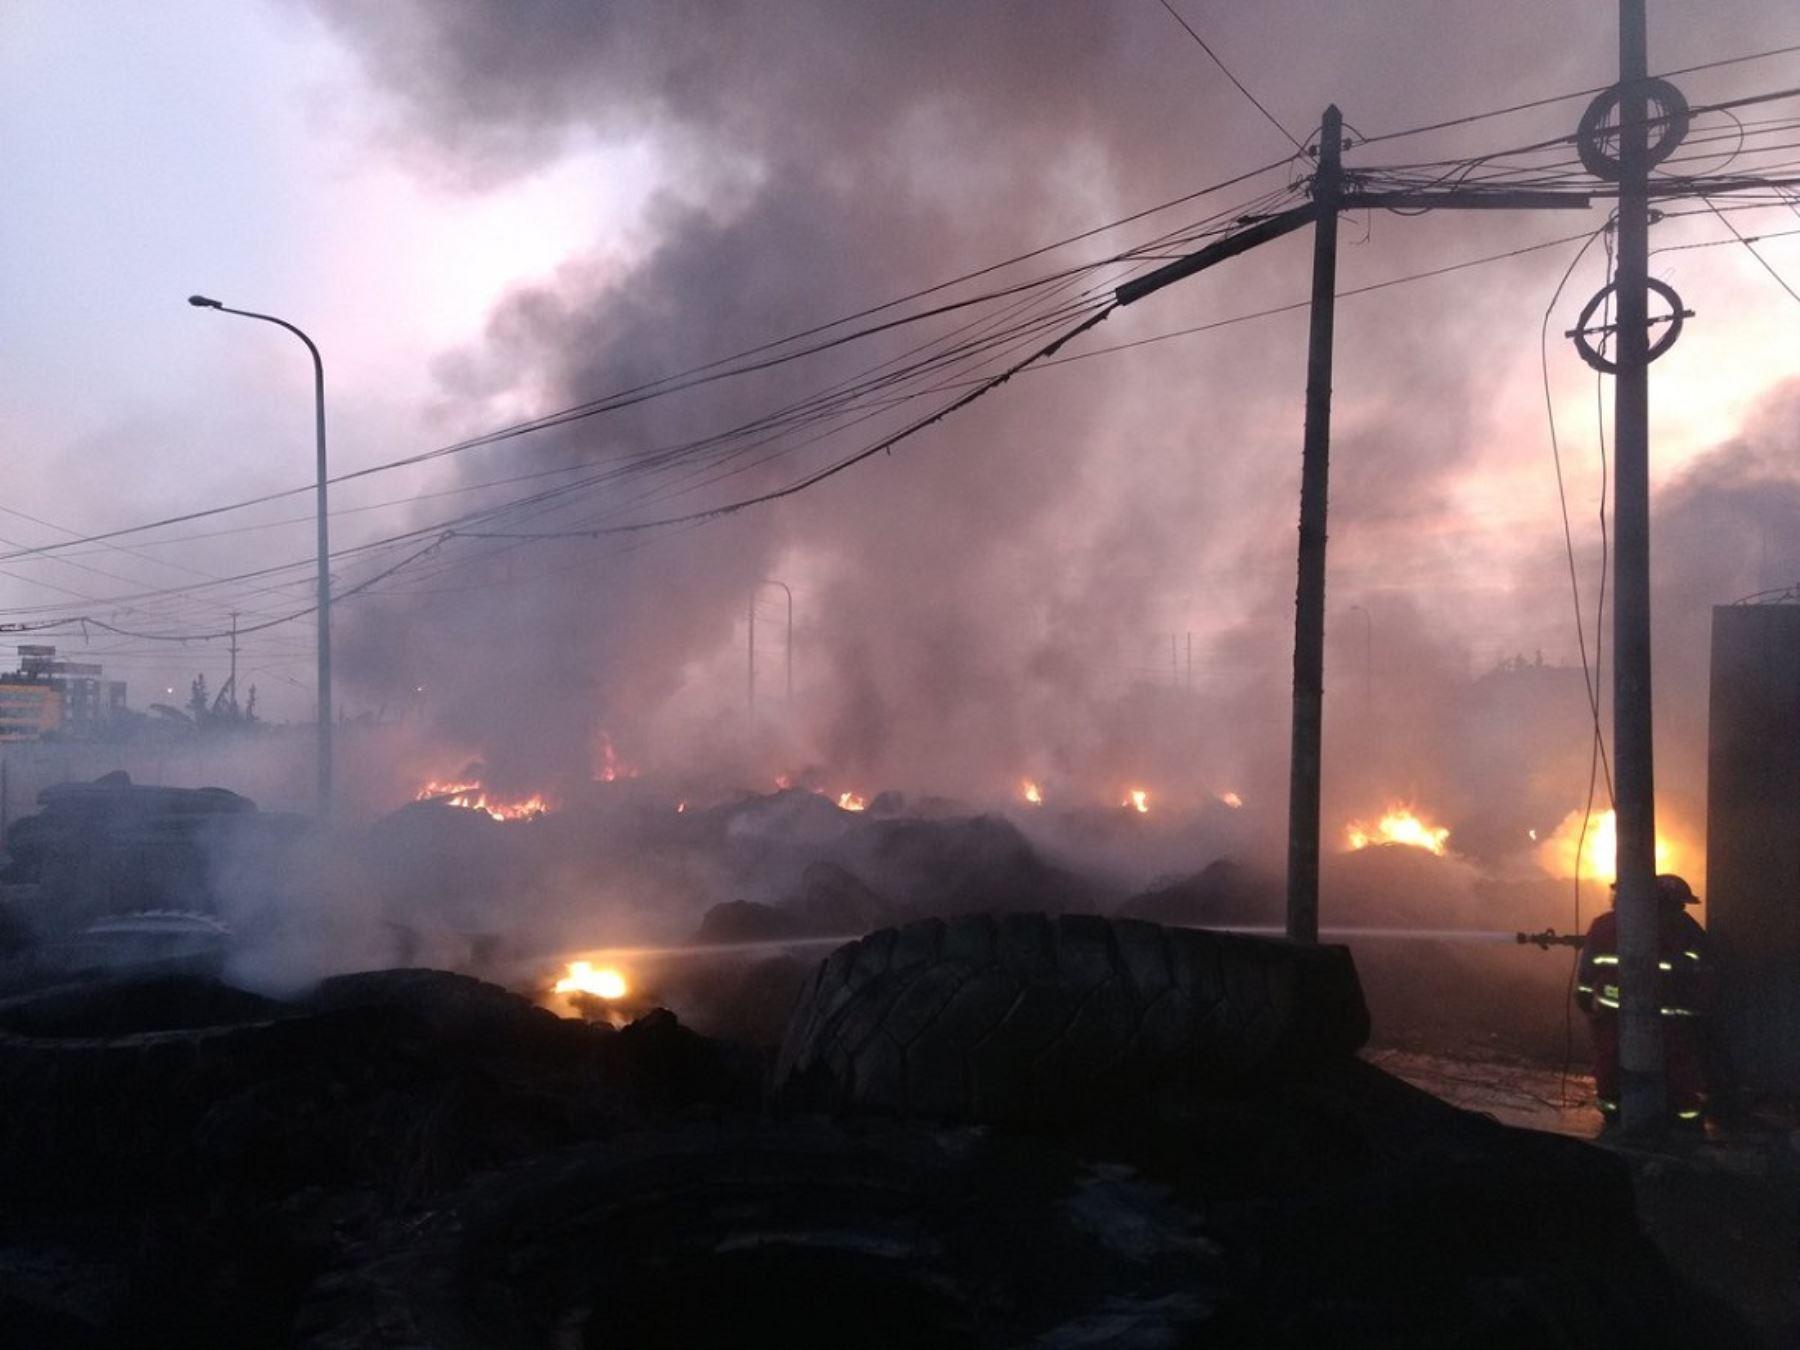 Incendio en depósito de llantas en Comas @FerLlanos